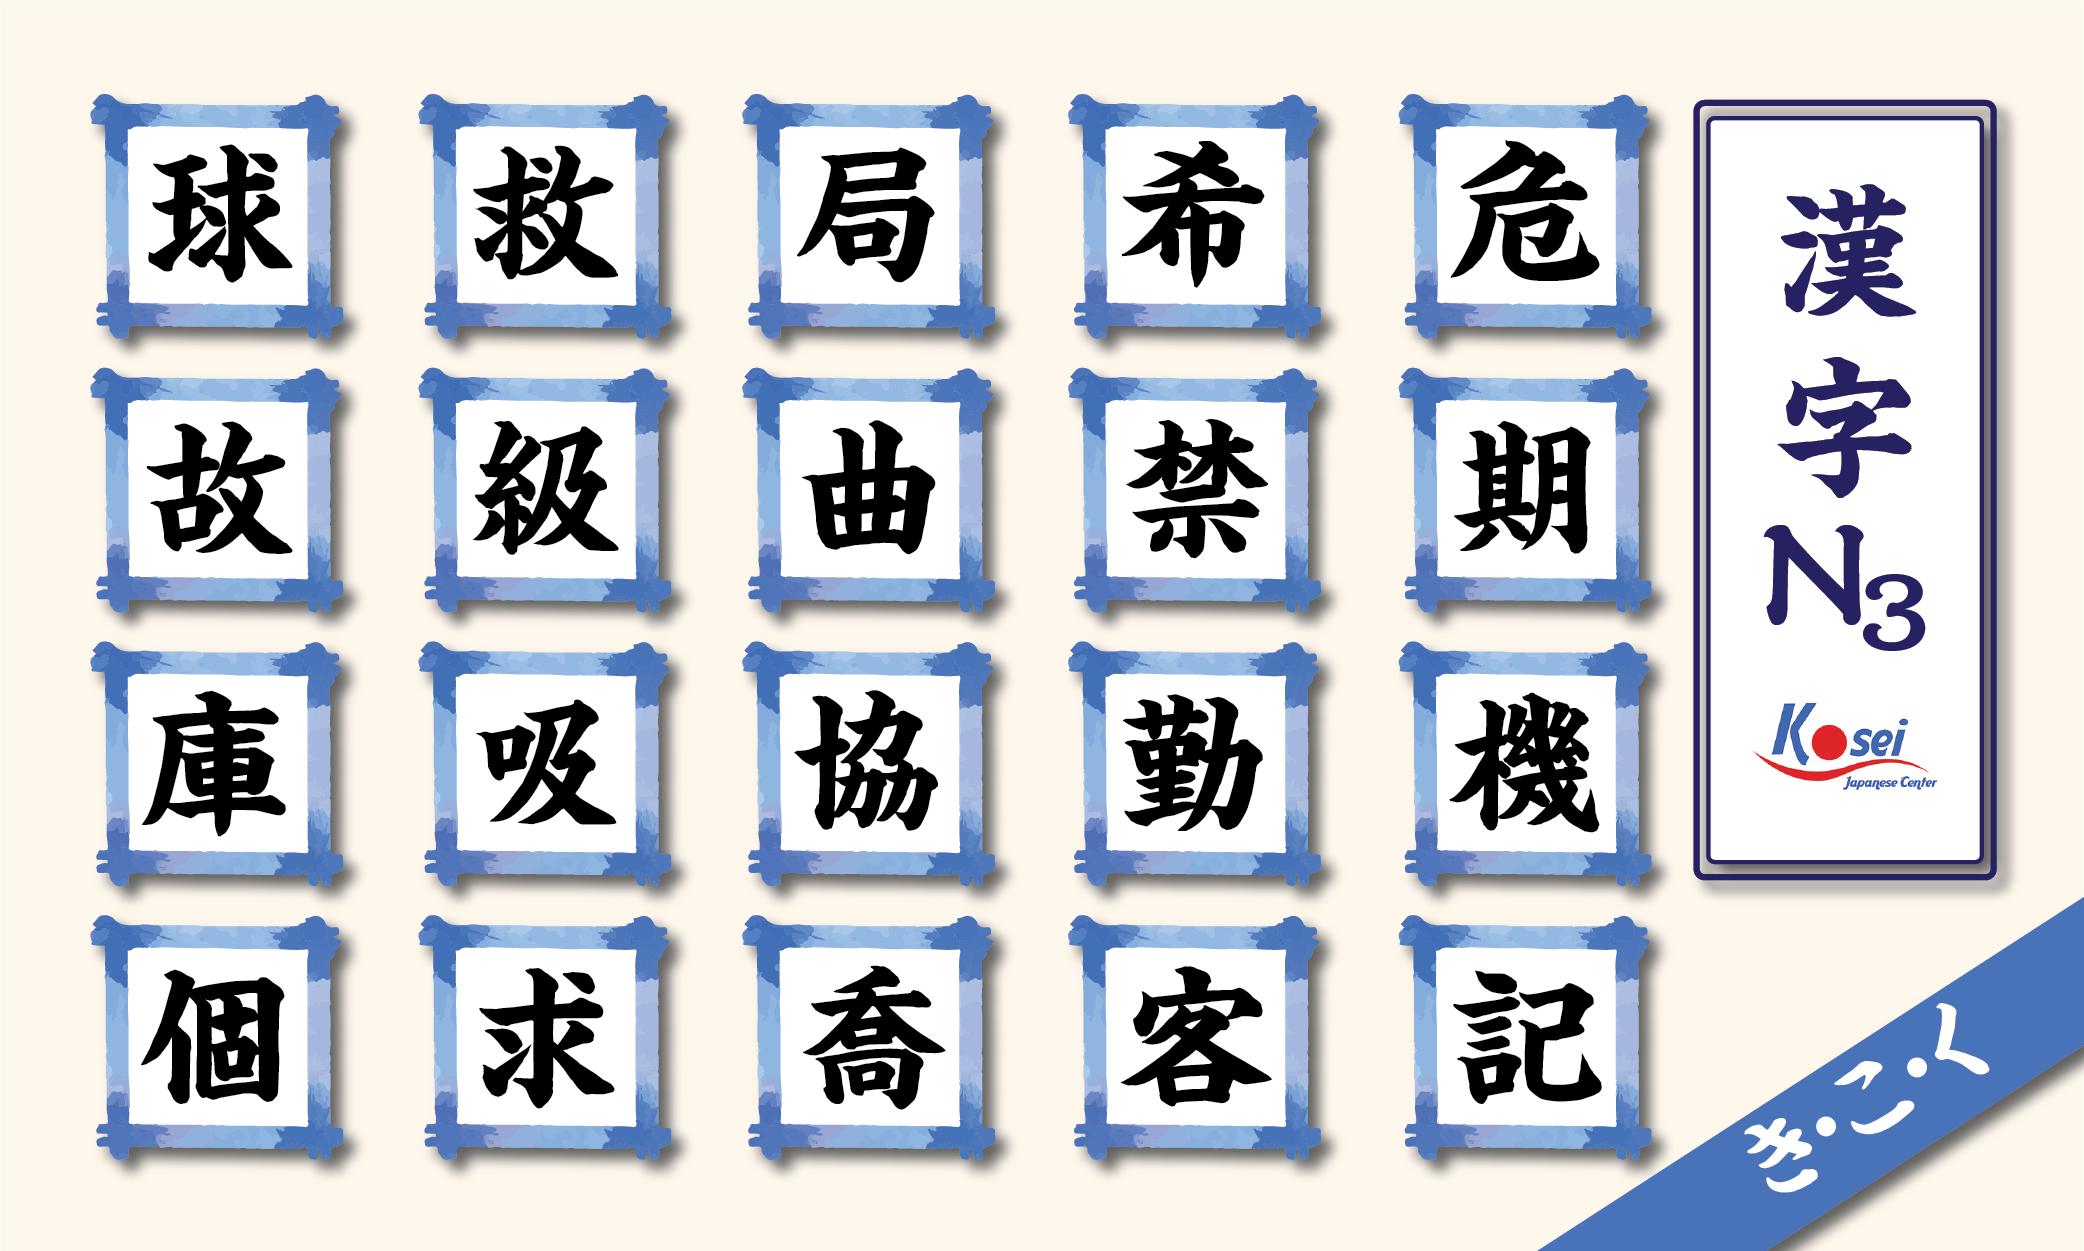 Tổng hợp Kanji N3 theo âm on: hàng K (phần 2)